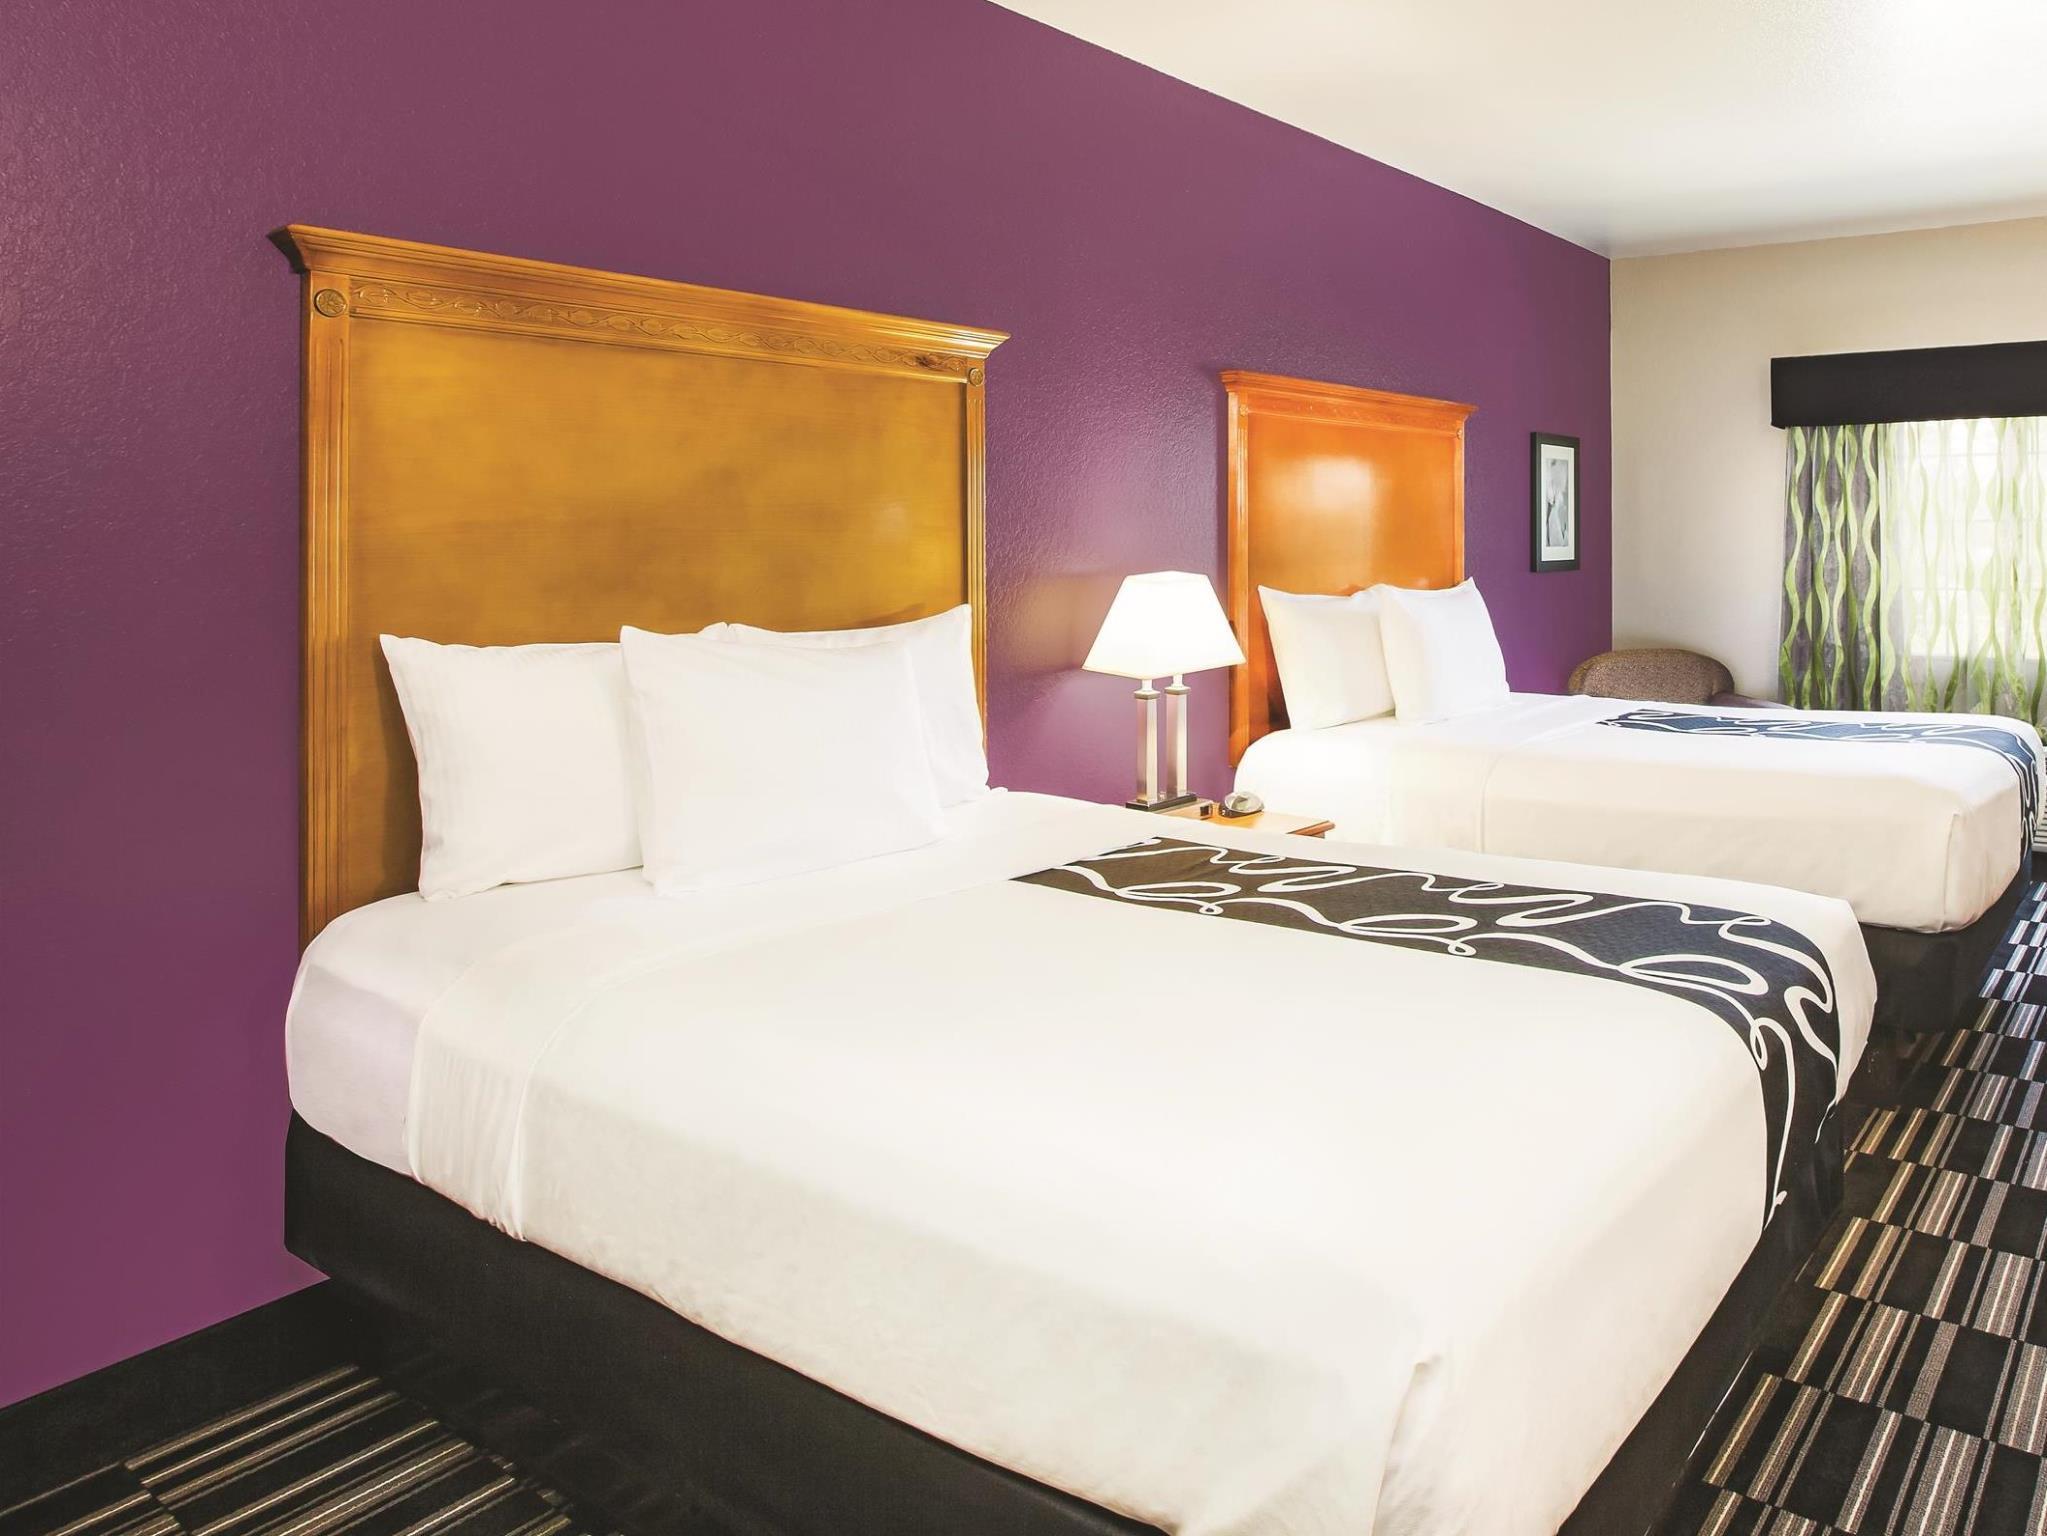 La Quinta Inn & Suites By Wyndham Ada